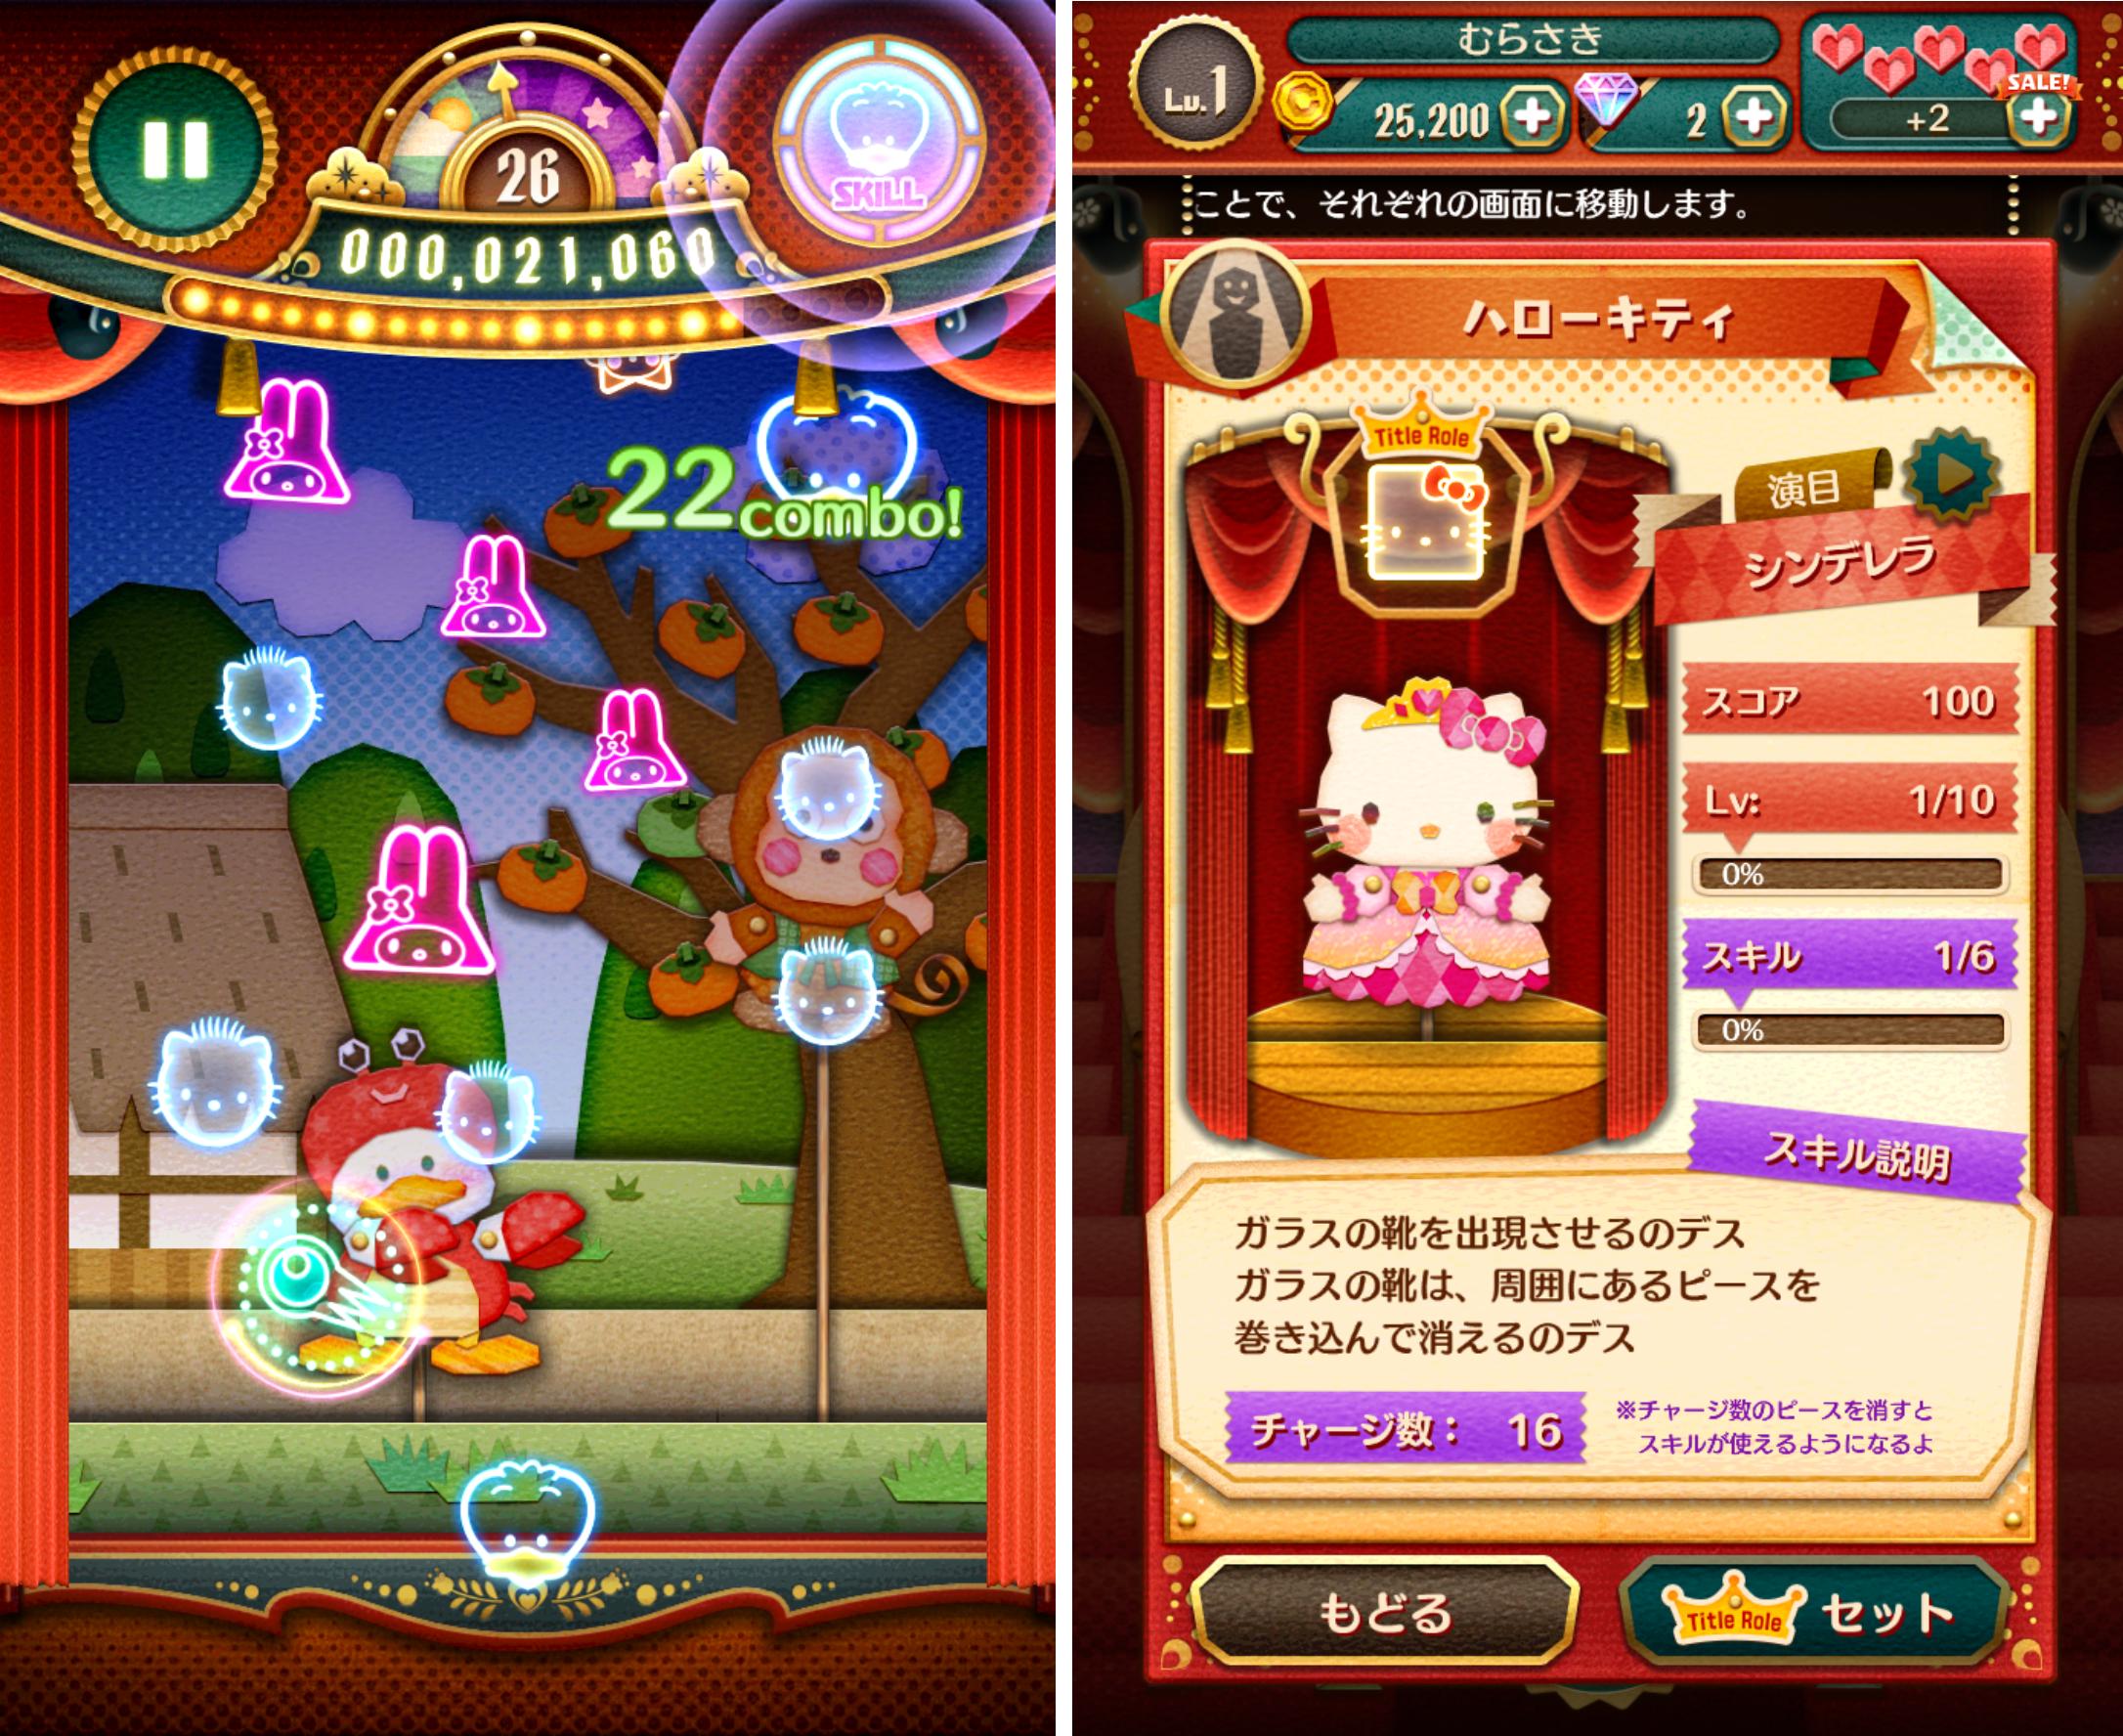 ファンタジーシアター サンリオキャラクターズ androidアプリスクリーンショット1